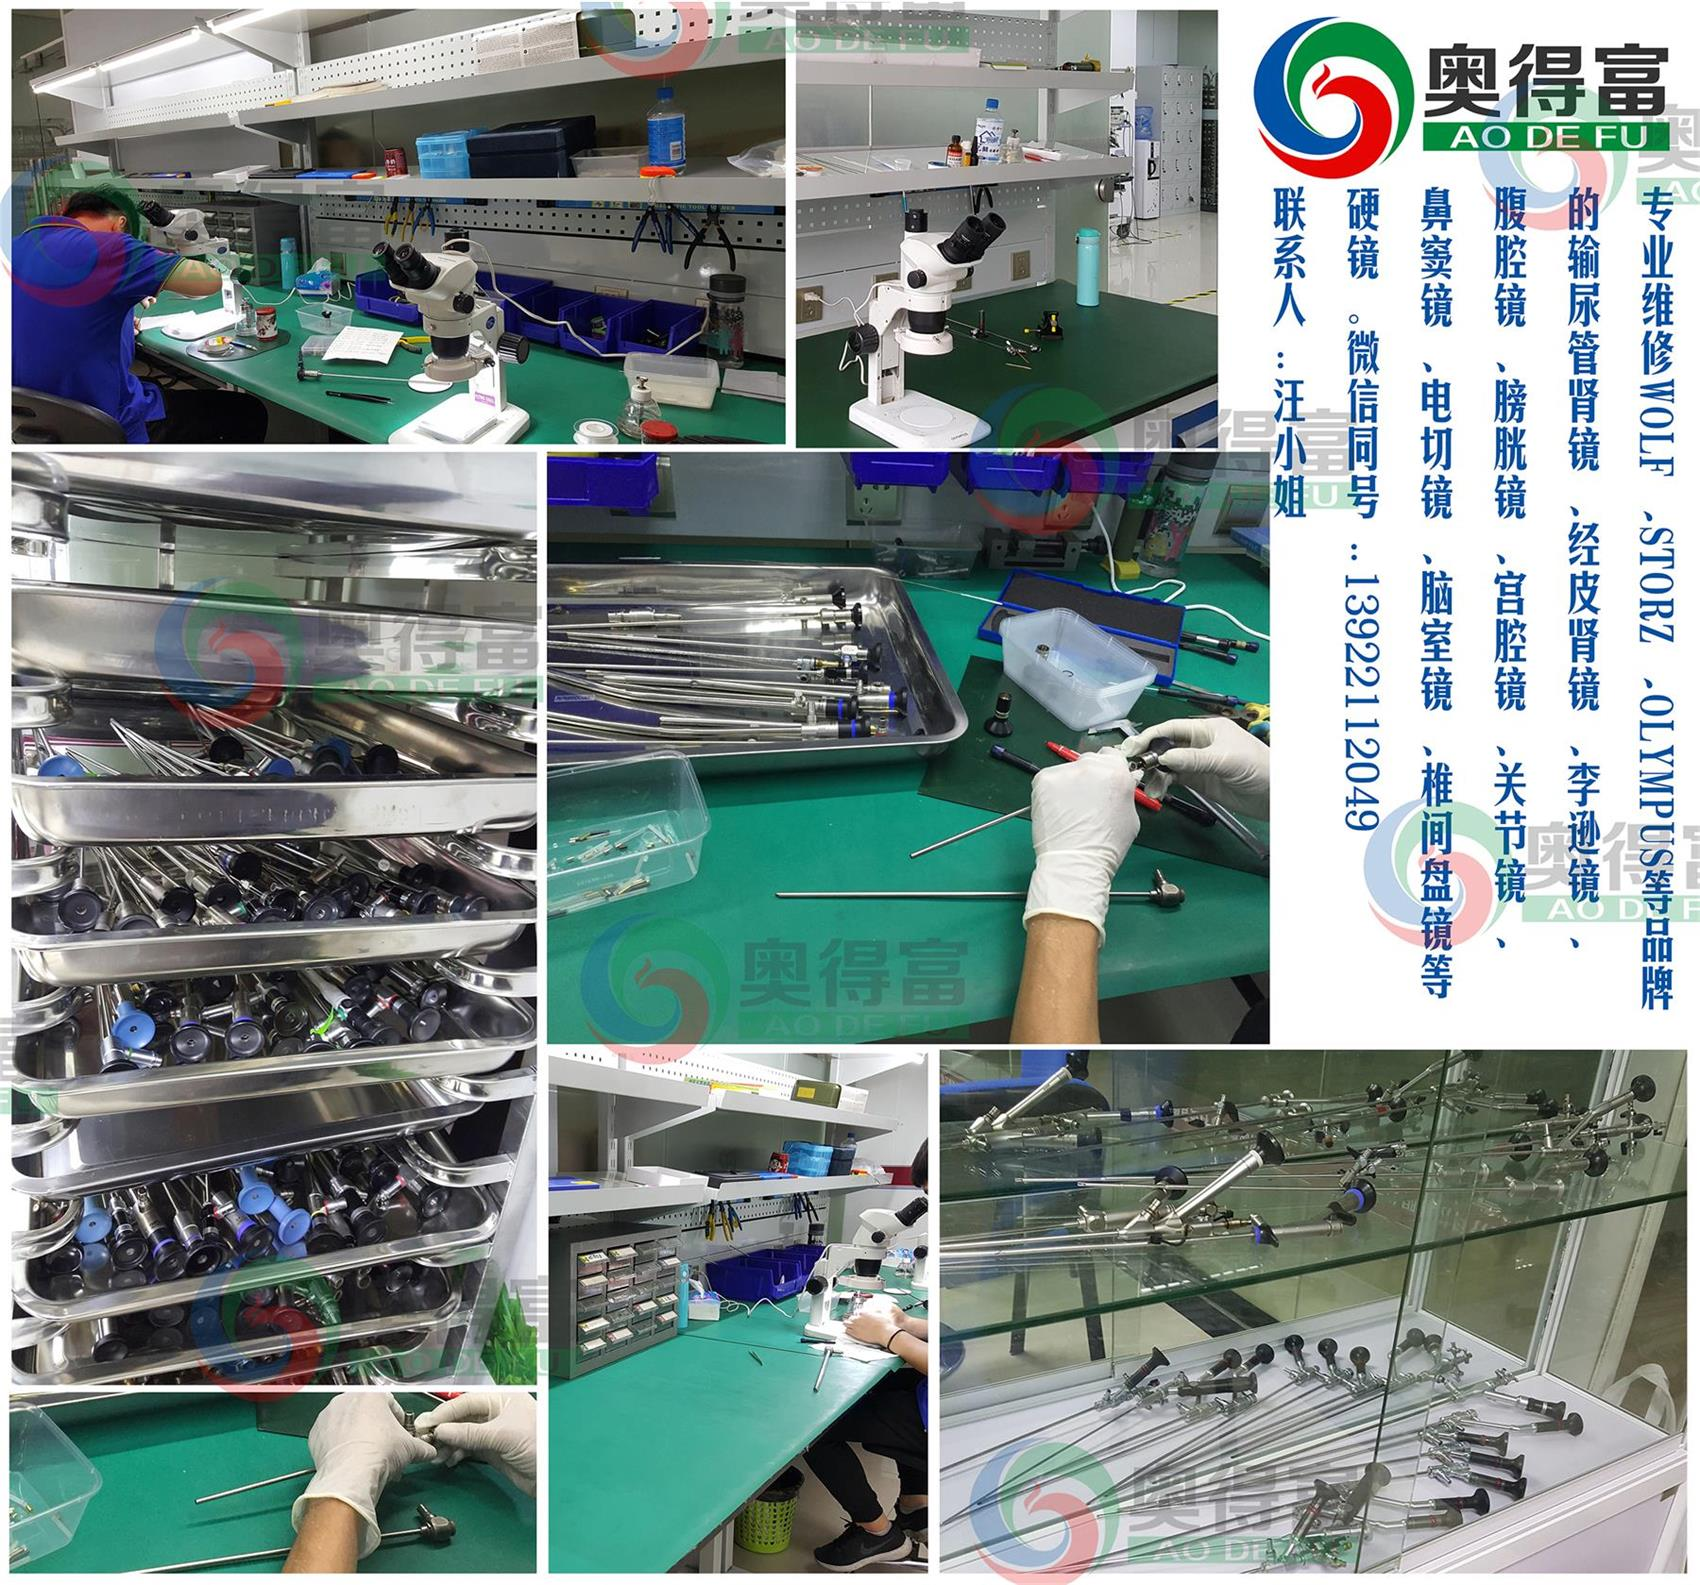 广州奥得富提供鼻窦镜维修/喉镜维修/脑室镜维修/硬镜维修